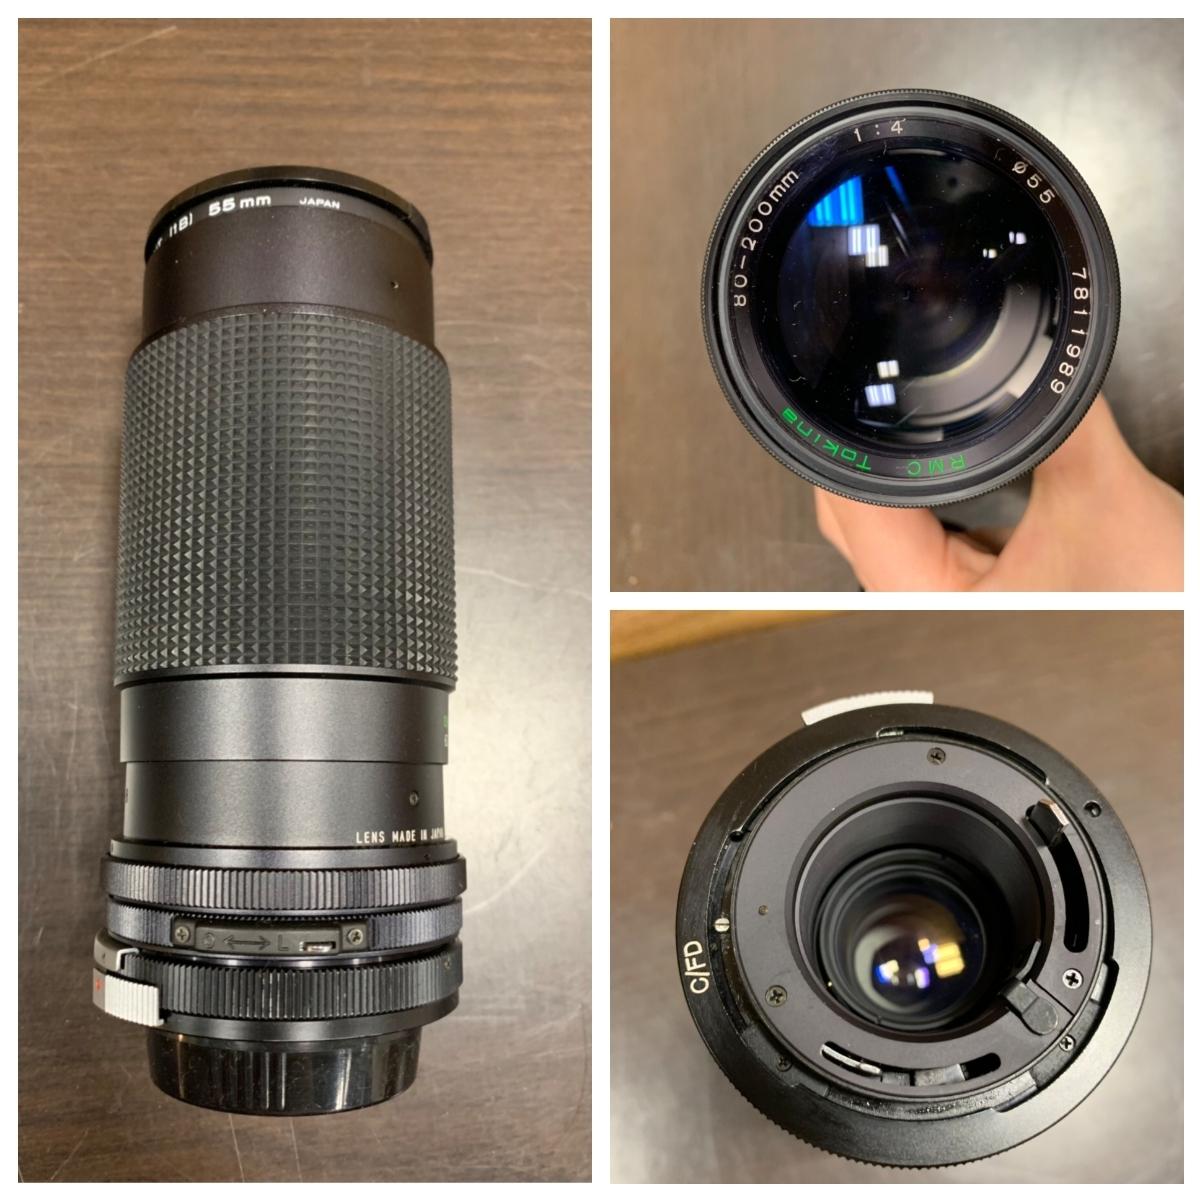 △Canon キャノン A-1 カメラ+FD 50mm 1:1.4+Tokina 80-200mm 1:4 レンズ(KS3-225)_画像8